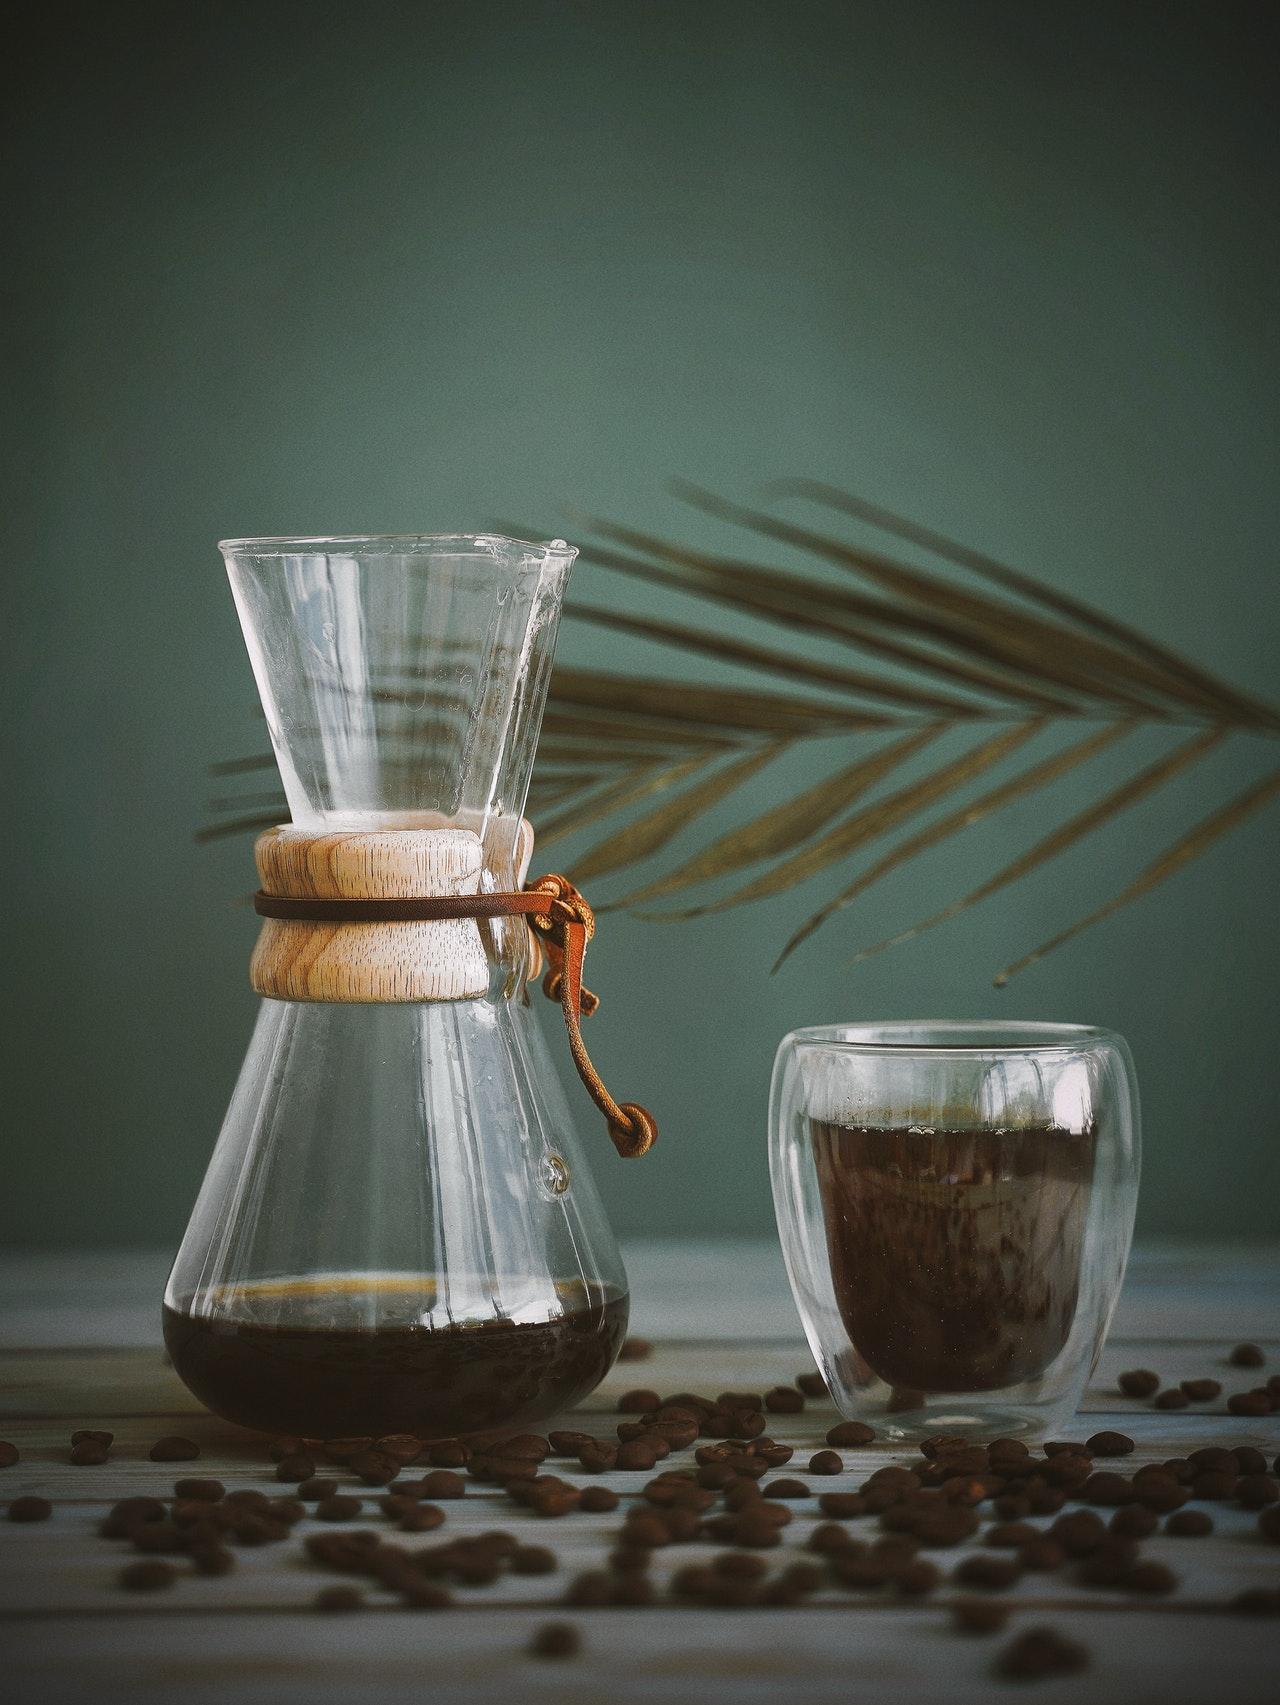 Der Aufbau eines Pour Over Kaffeebereiters ist denkbar einfach.